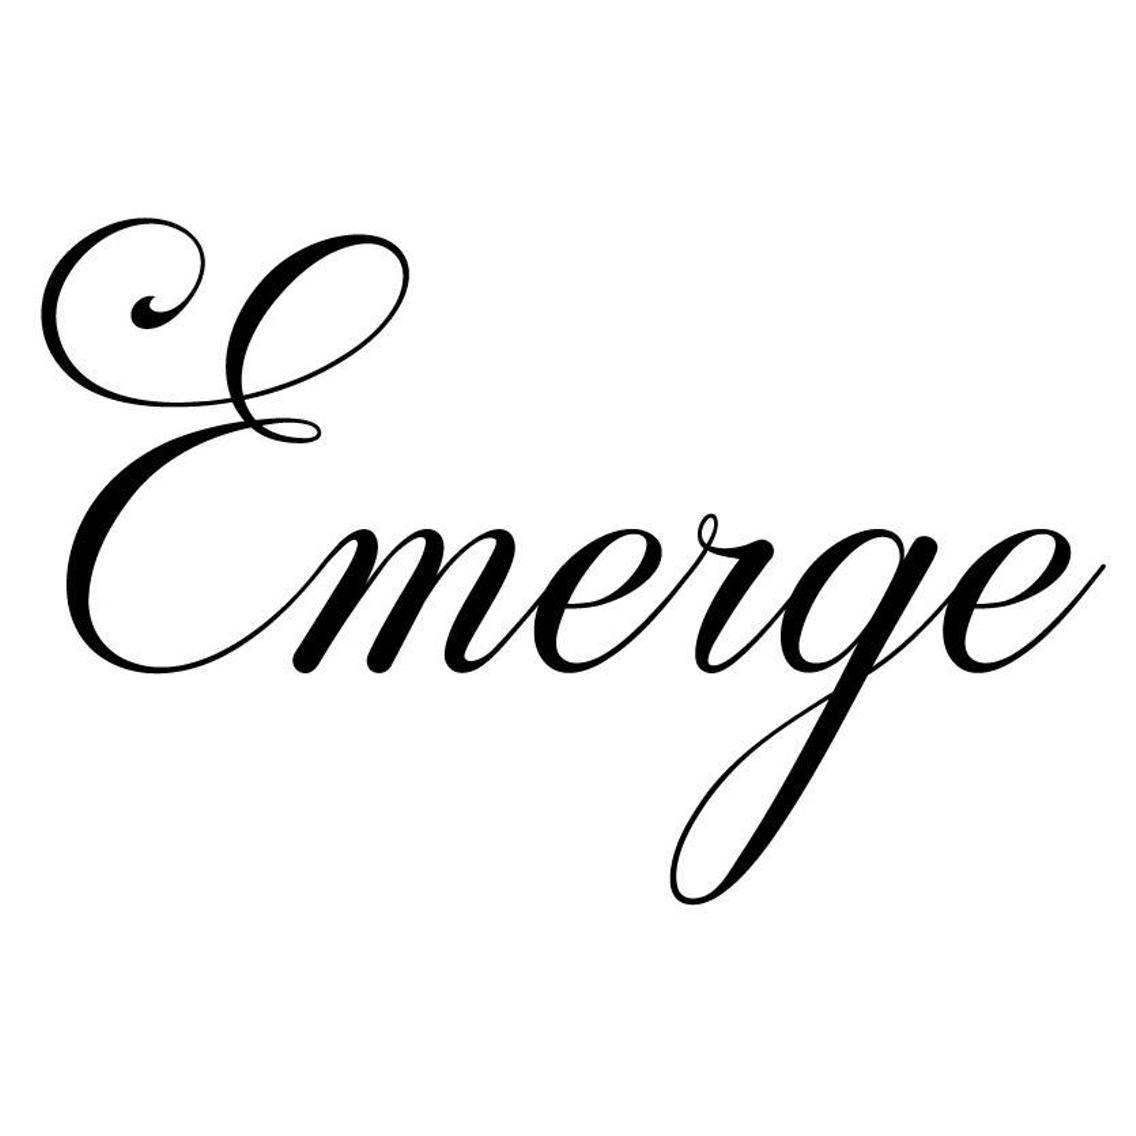 Emerge代々木店所属・Emerge アカデミー【ひとみ】の掲載